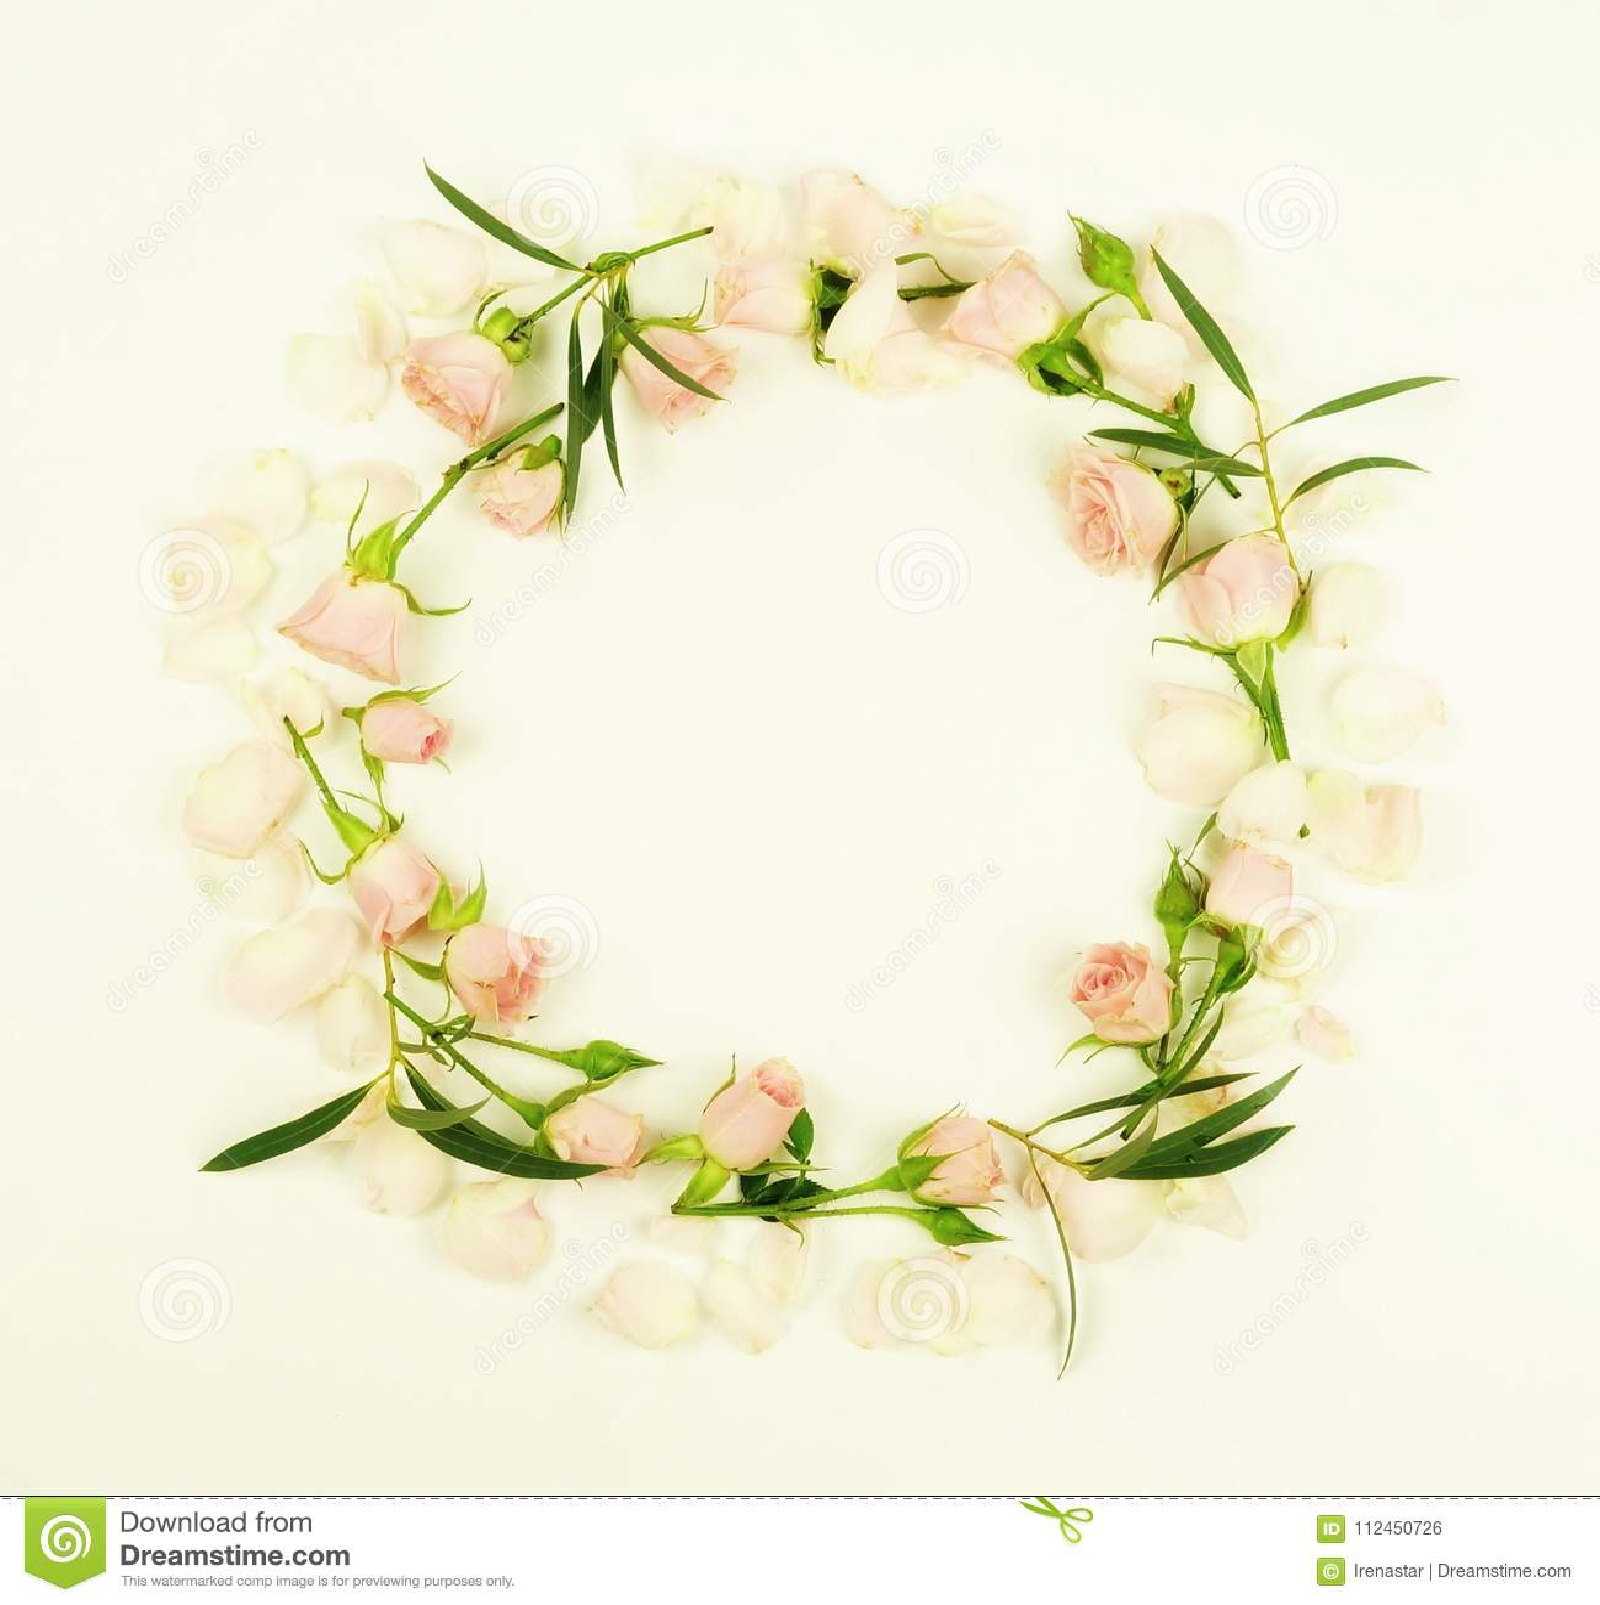 Banner tła kwiaty form różowego spiralę trochę Wianek rama robić różowi róża kwiaty